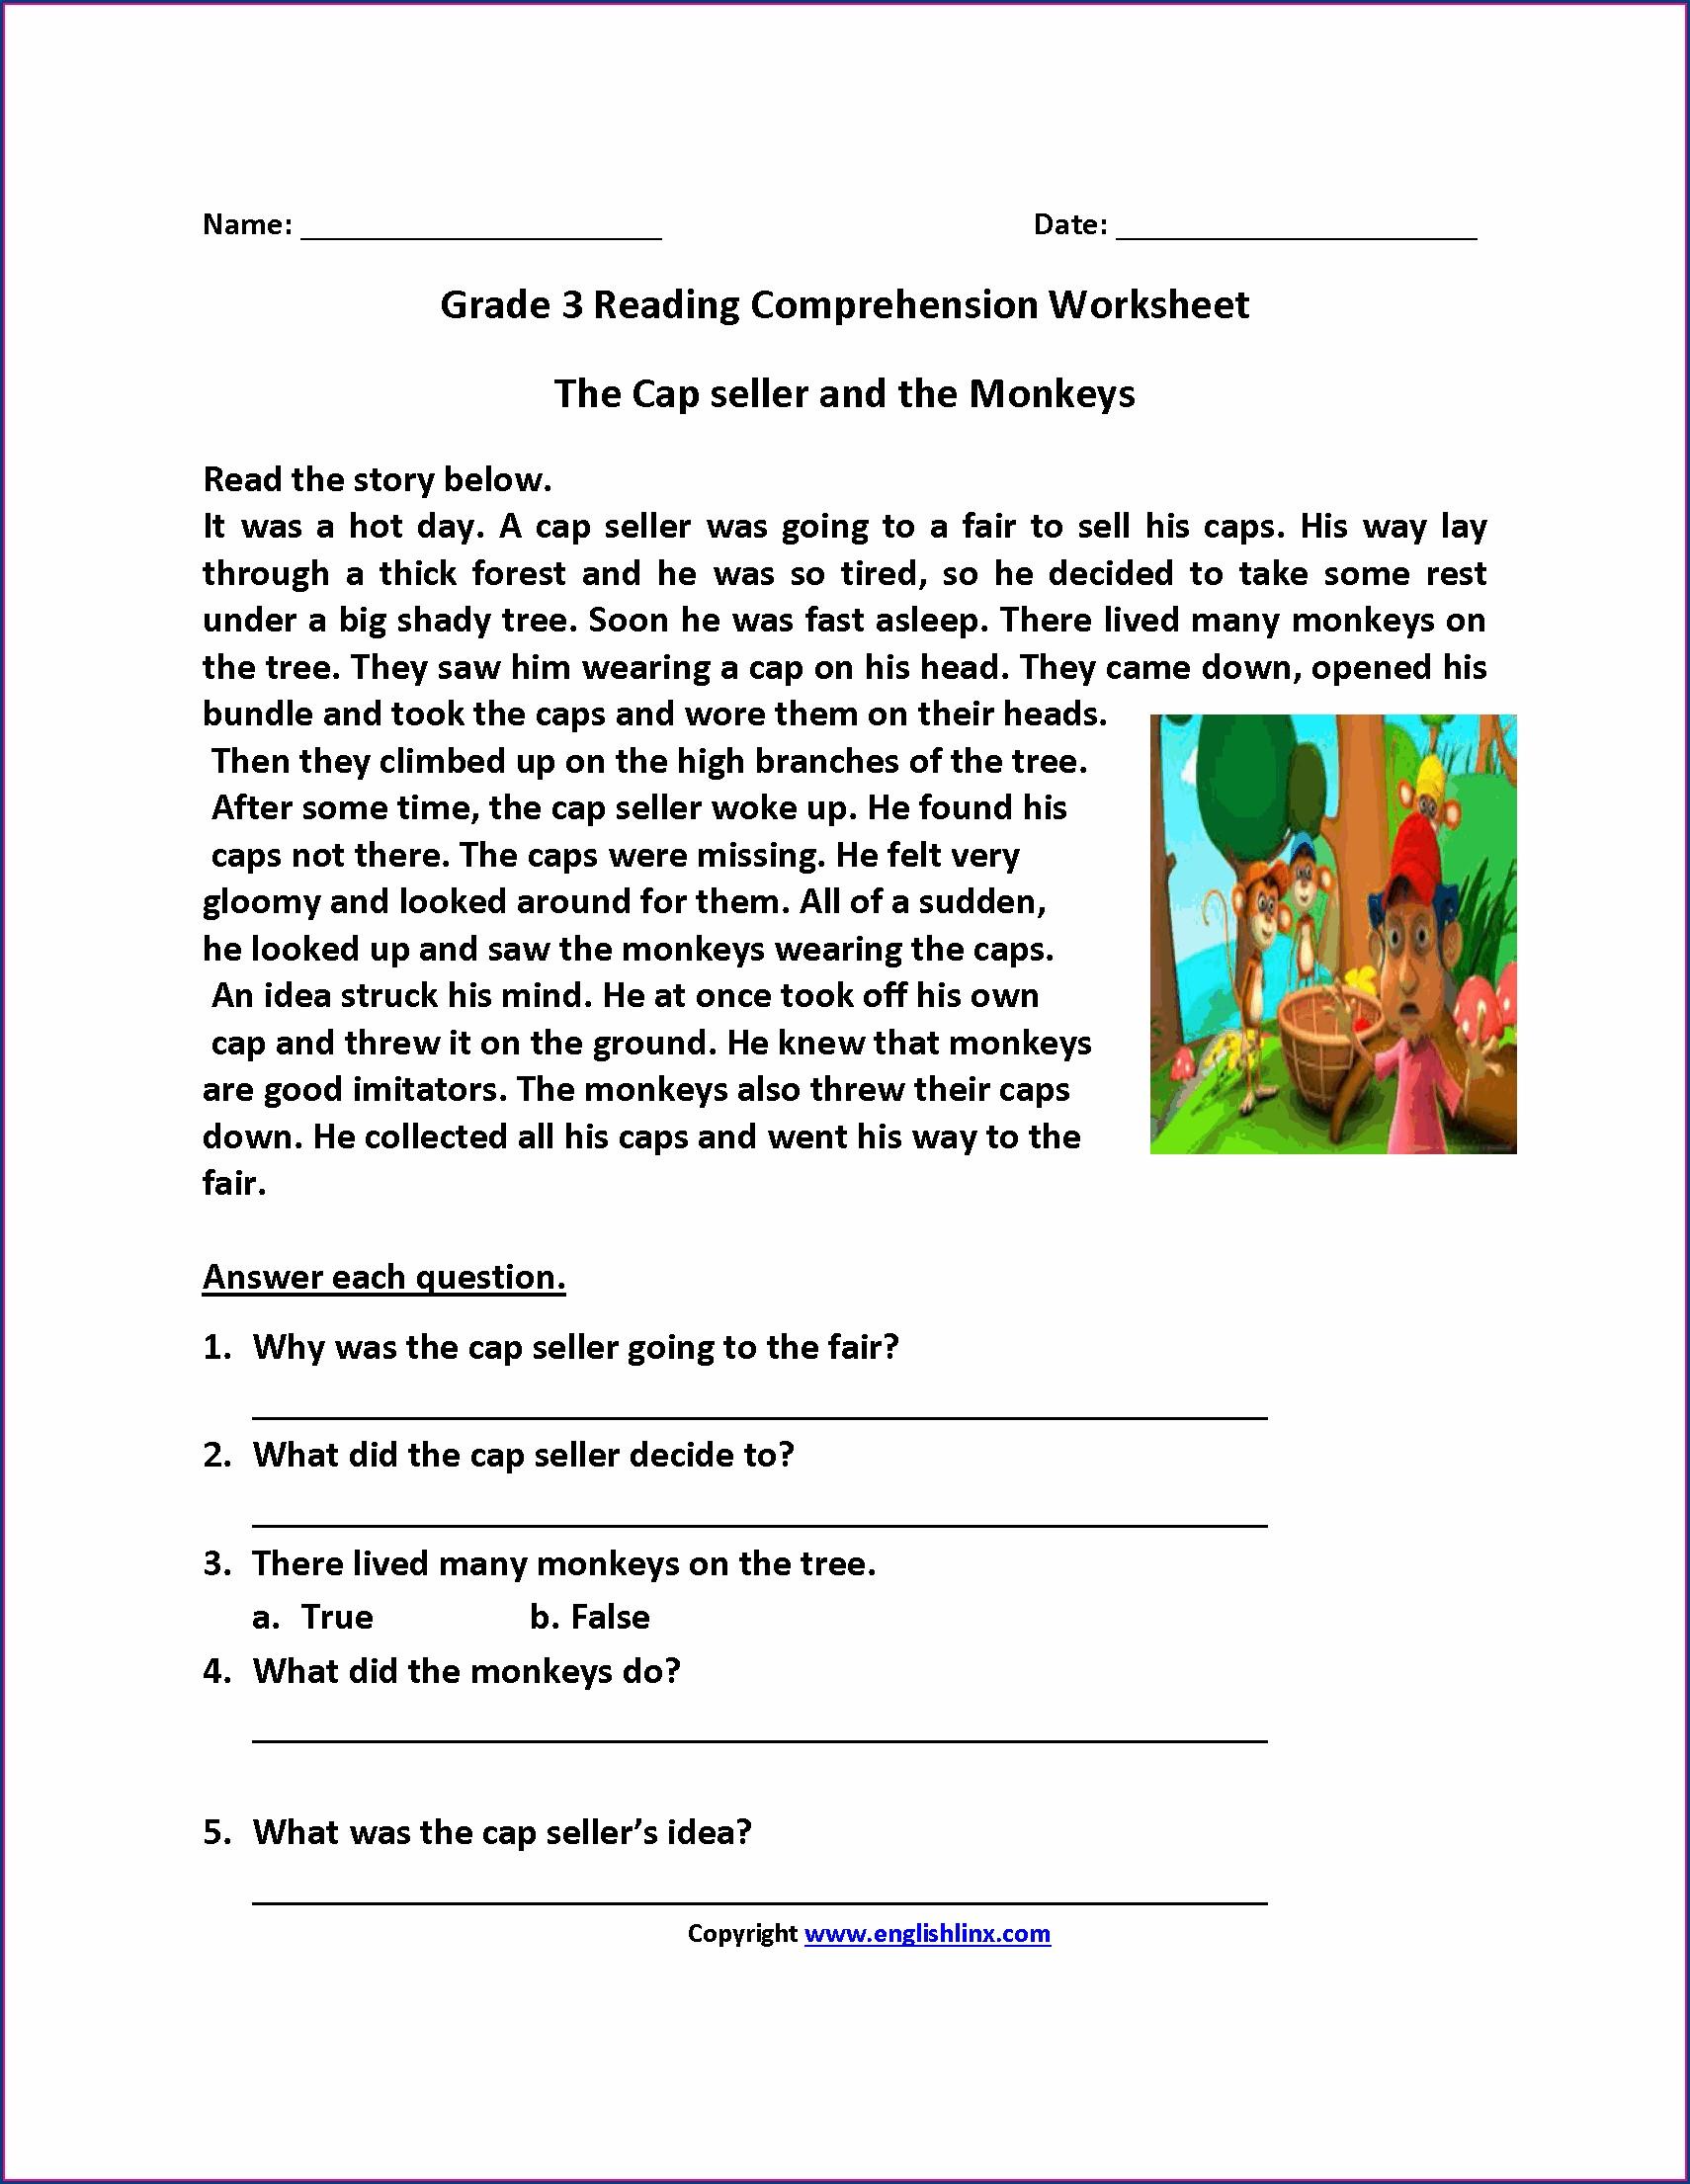 Grade 3 English Worksheets To Print